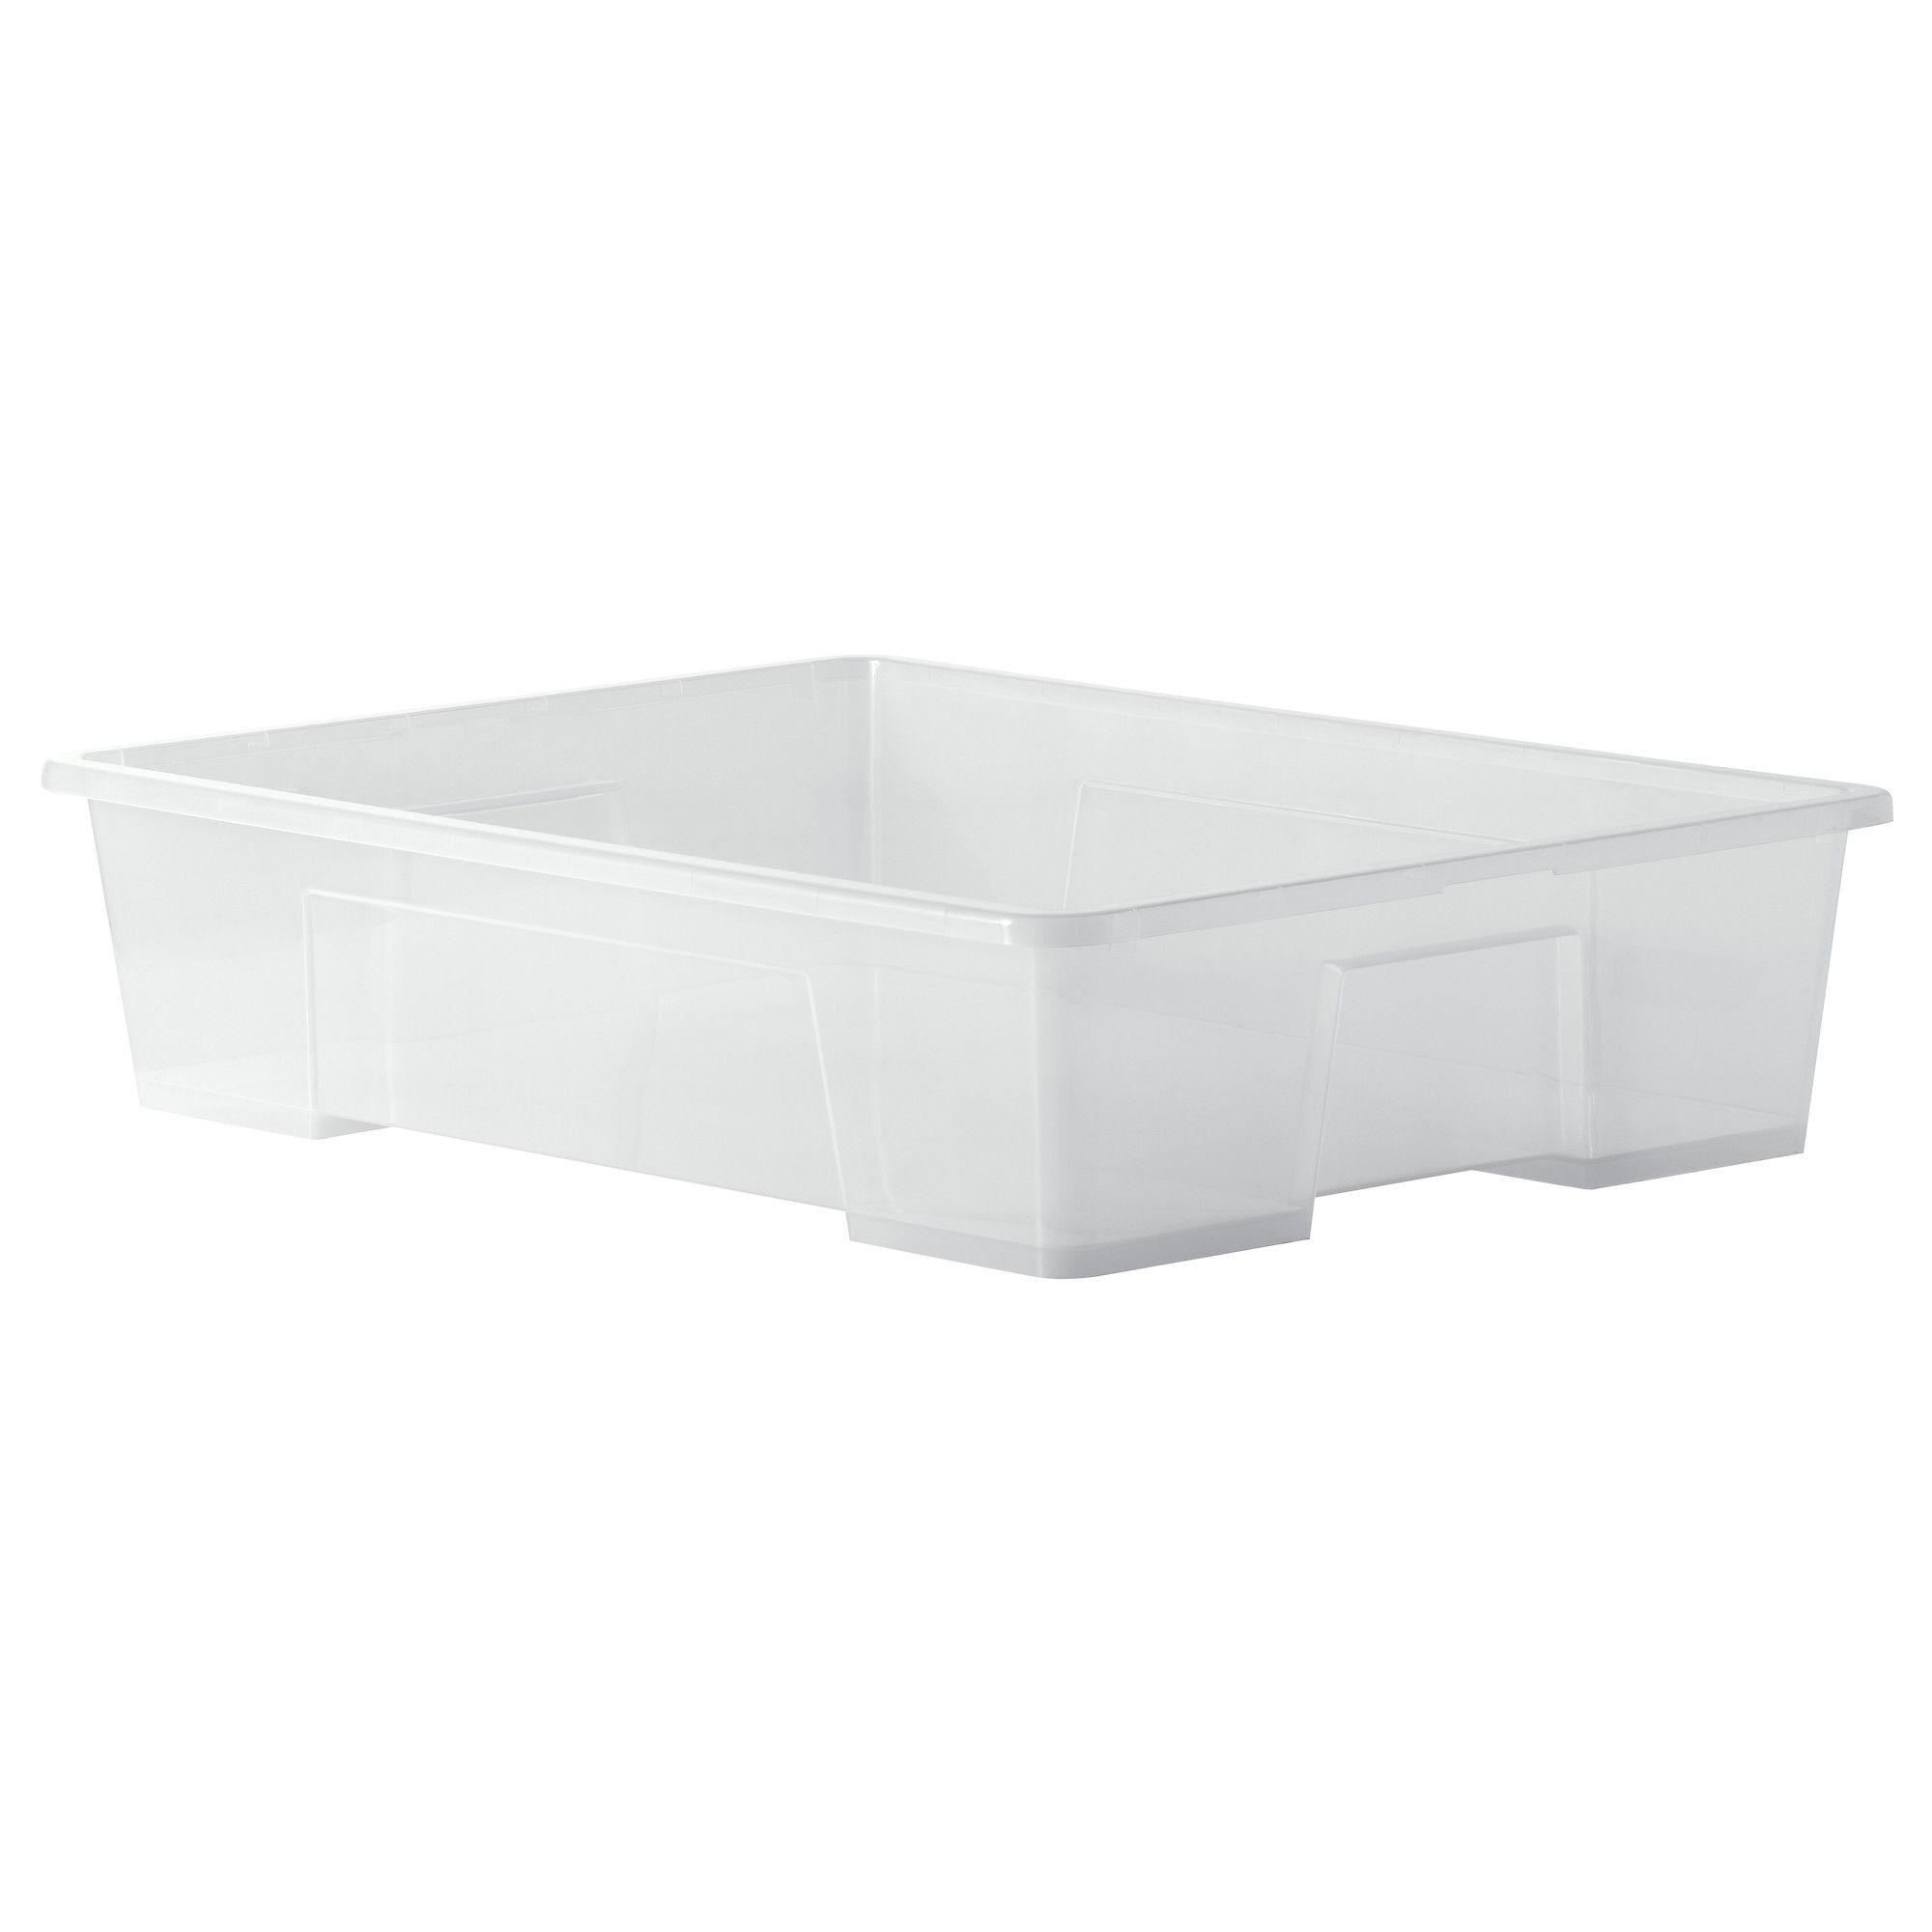 SAMLA Box, transparent | Campingbus, Gästezimmer und Wohnen